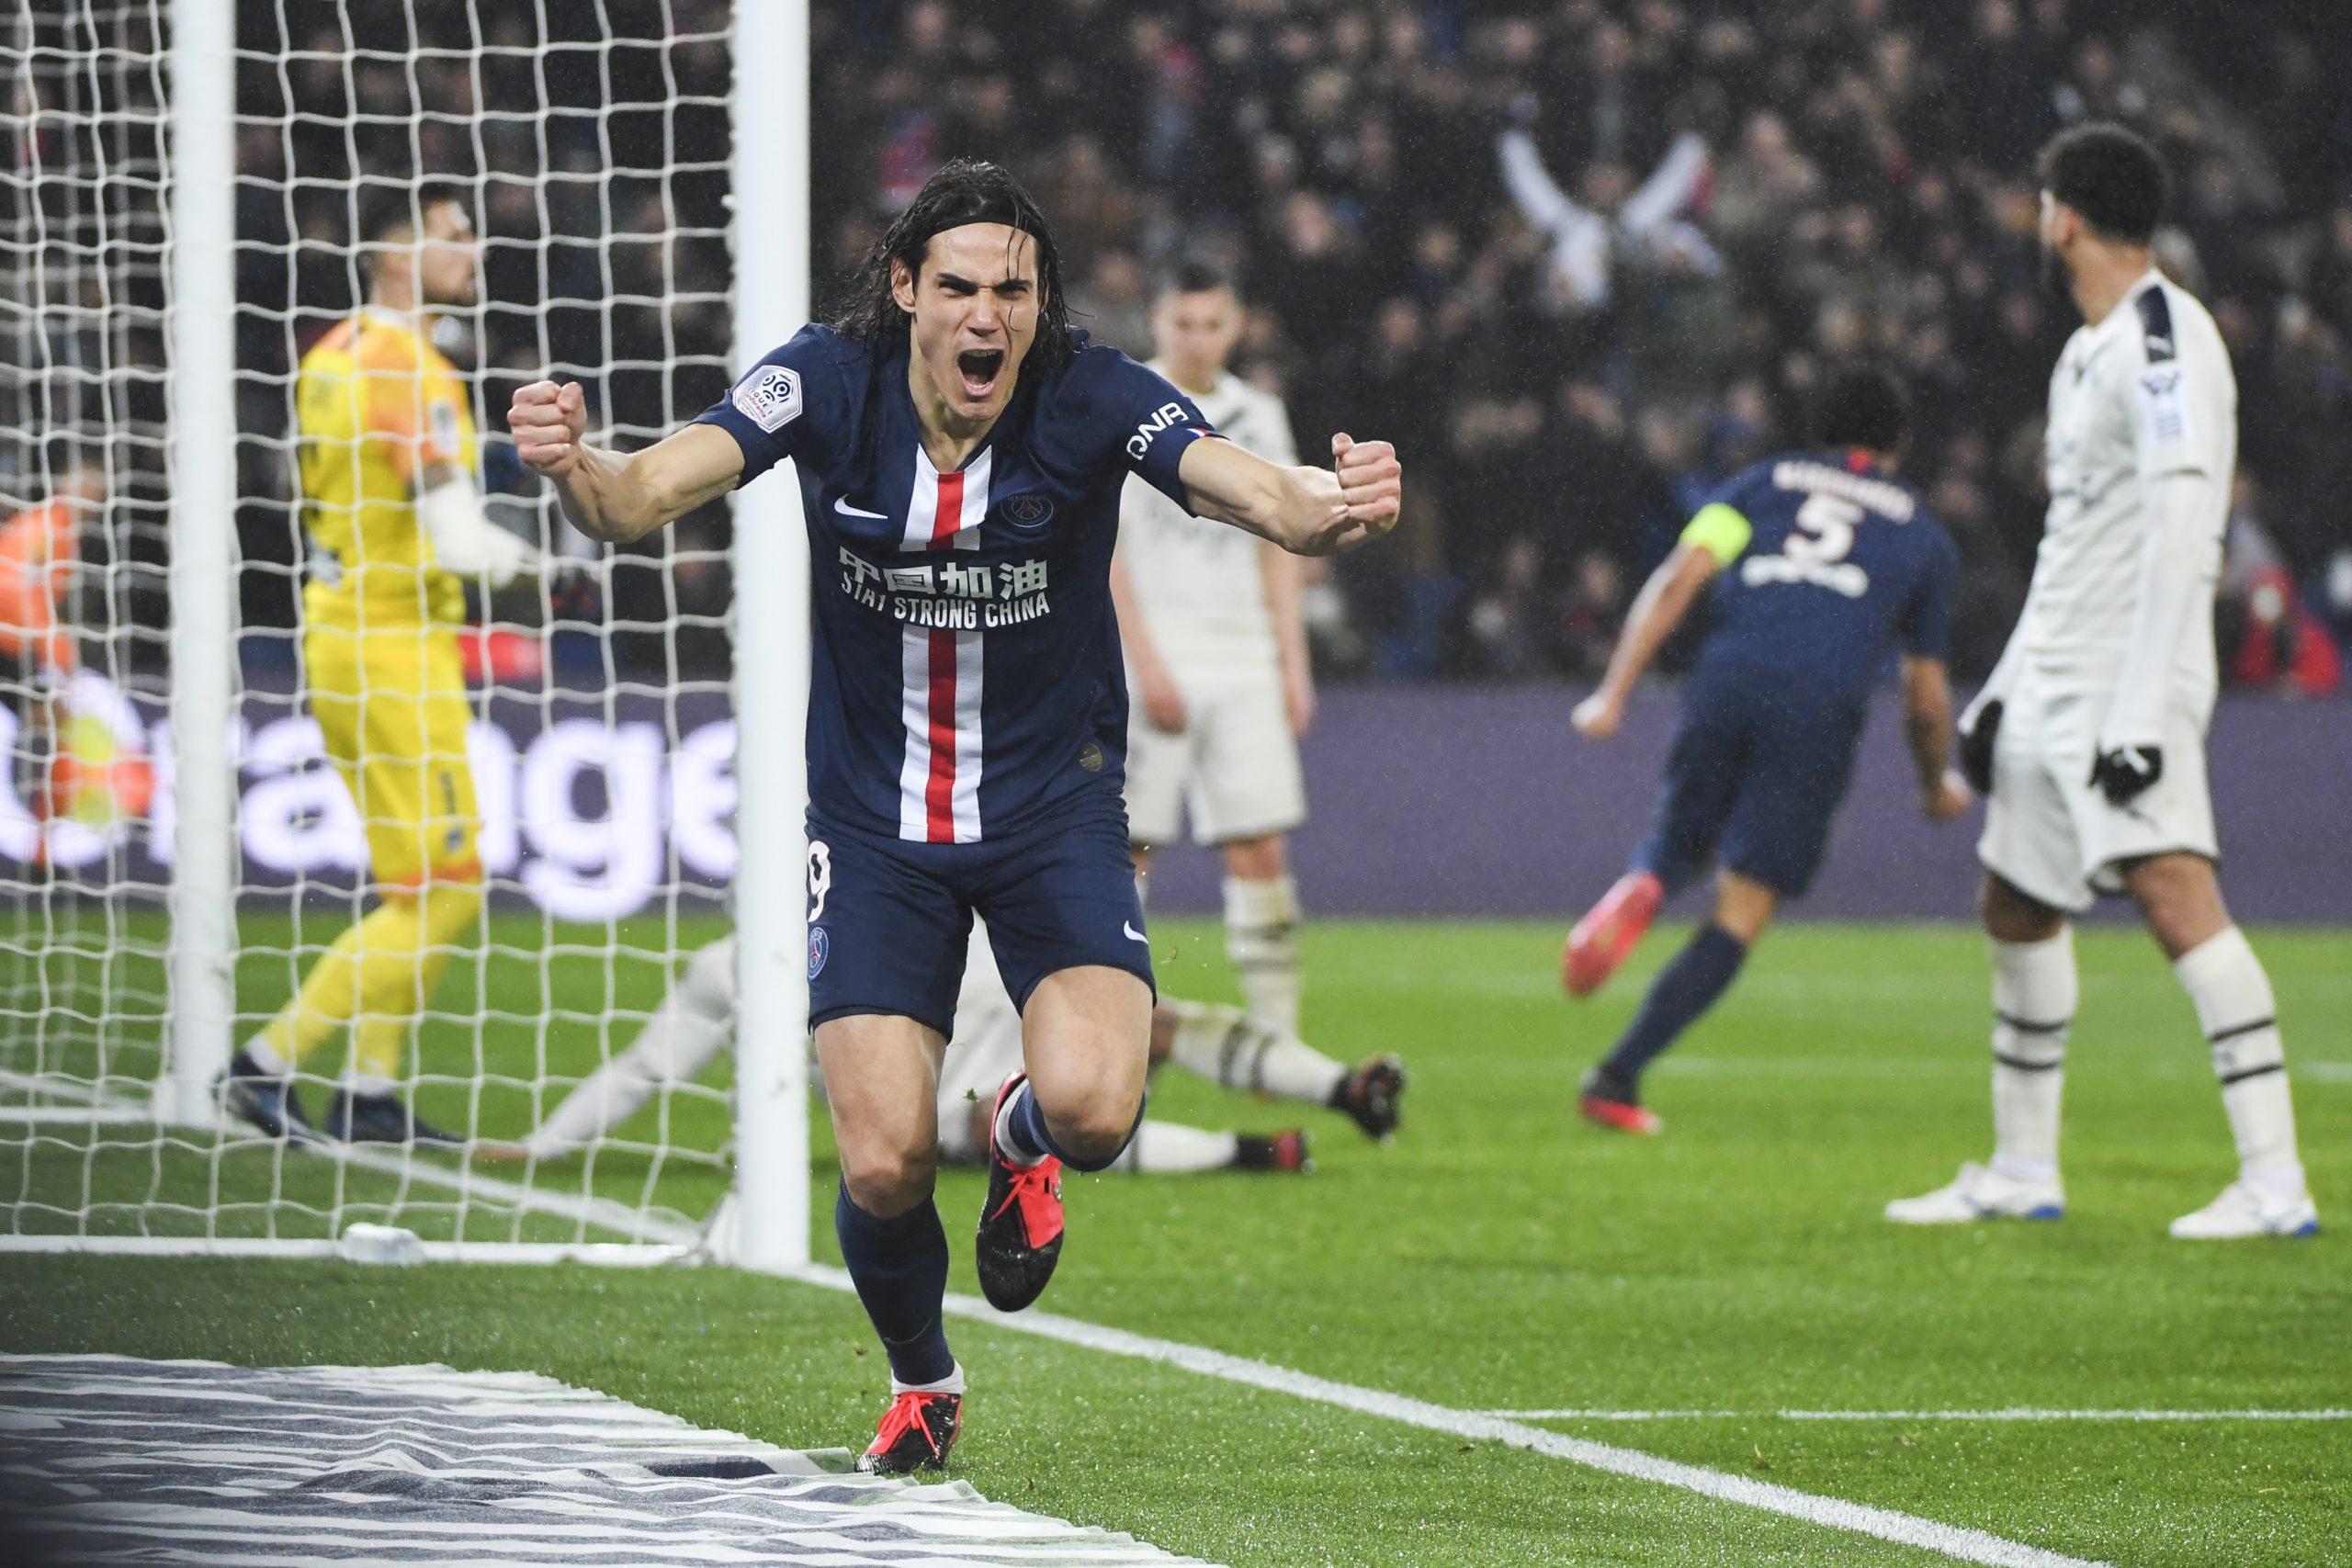 Les images du PSG ce dimanche : victoire face à Bordeaux et 200e but pour Cavani